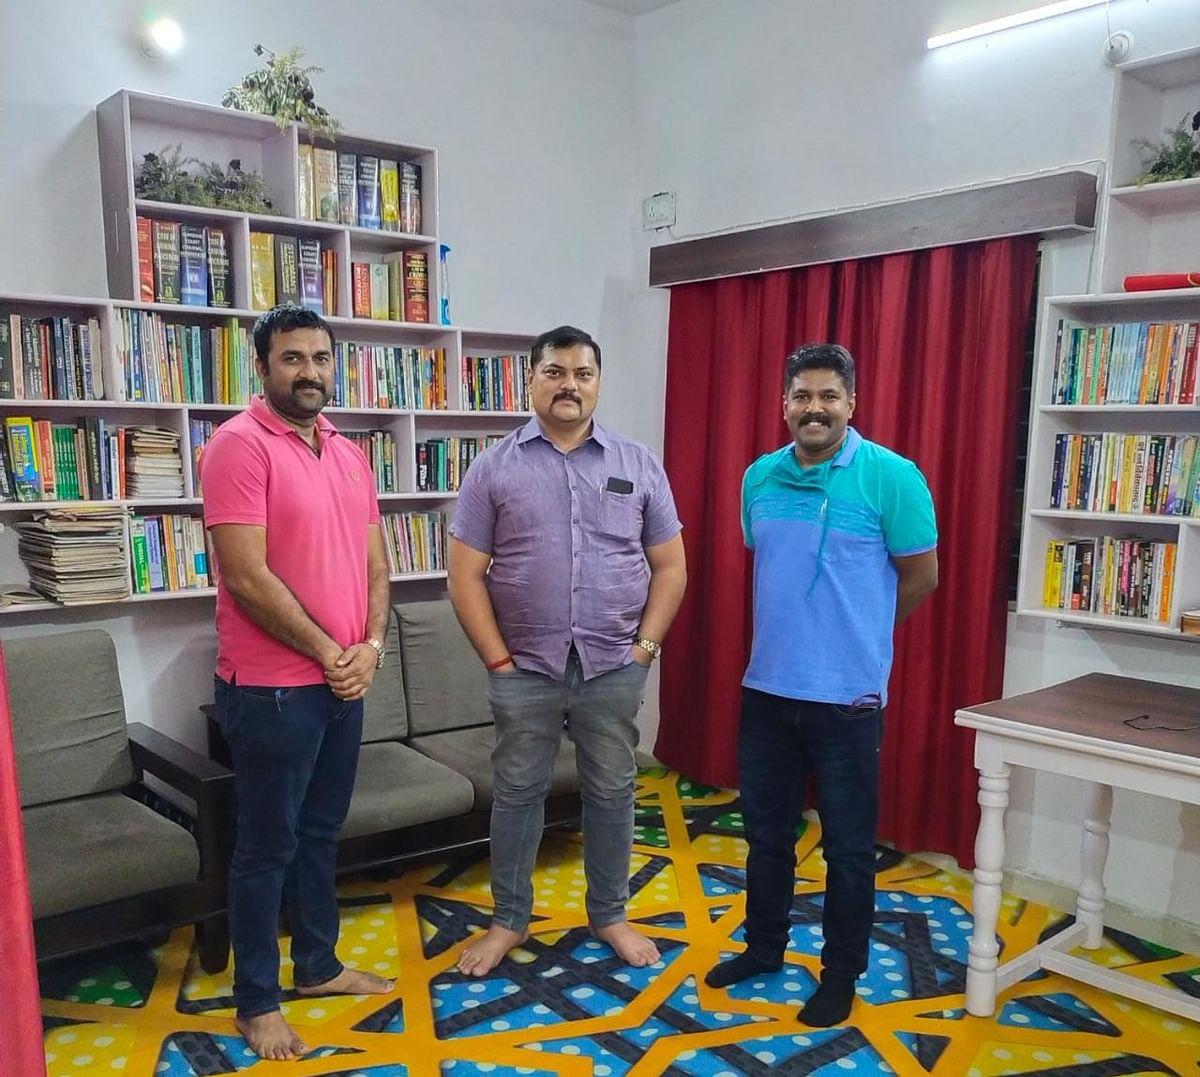 सिंगरौली जिले के मोरवा थाने का पुस्तकालय बना मिसाल, लग रही युवाओं की भीड़